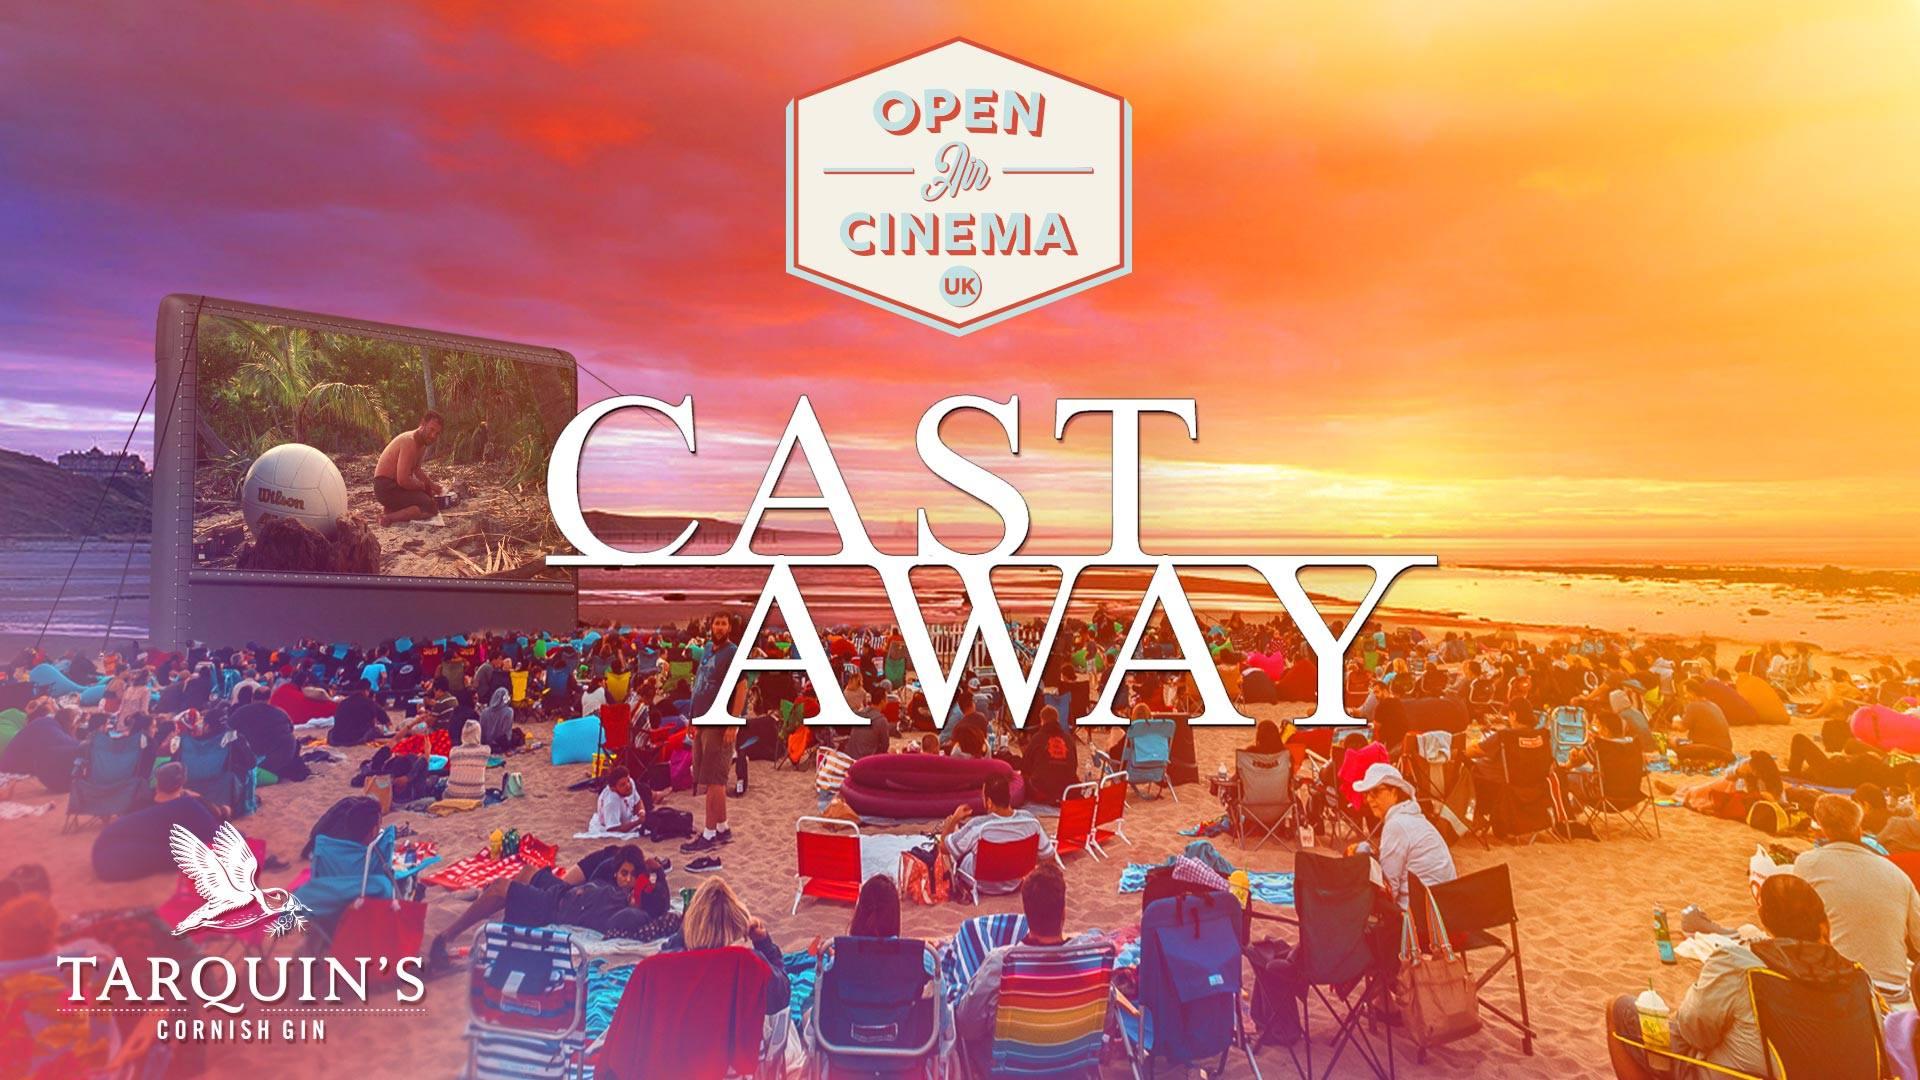 Cinema on the beach